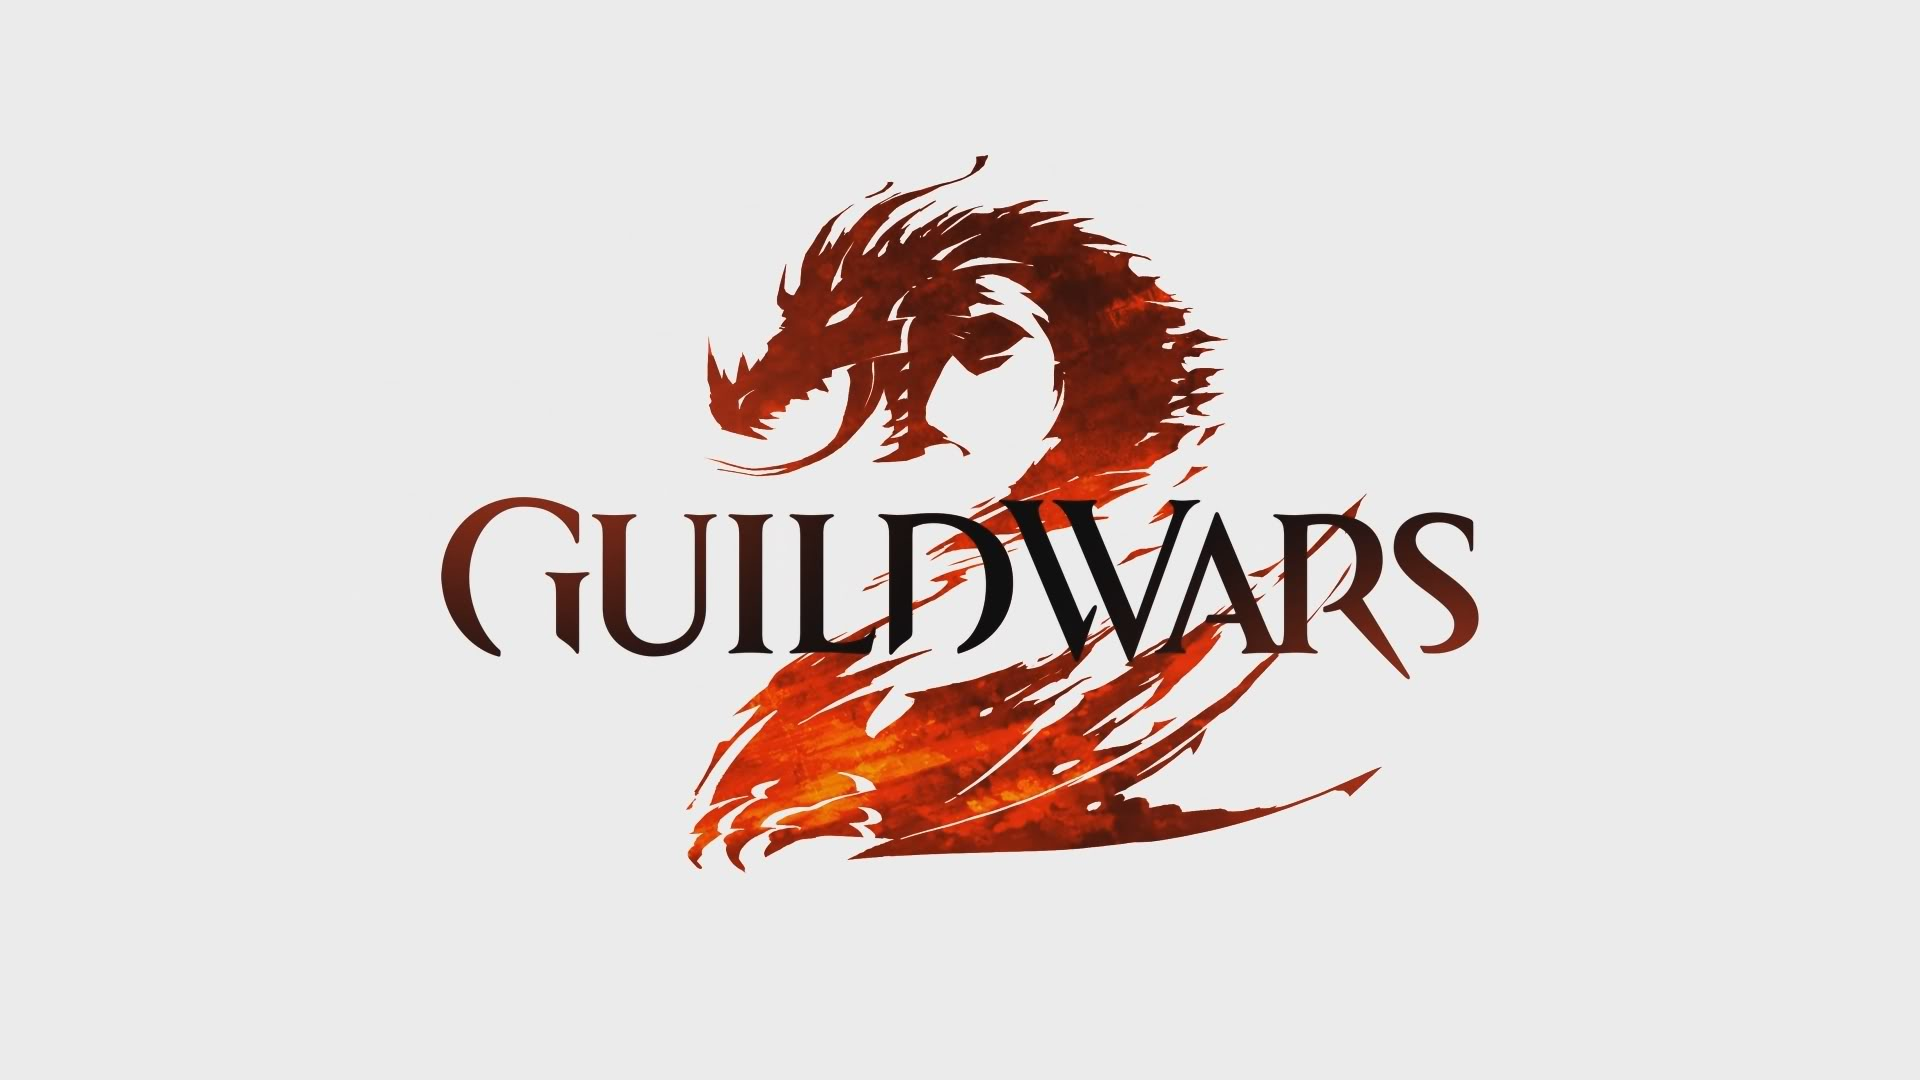 Guild Wars 2 Logo 4106 Hd HD Wallpaper